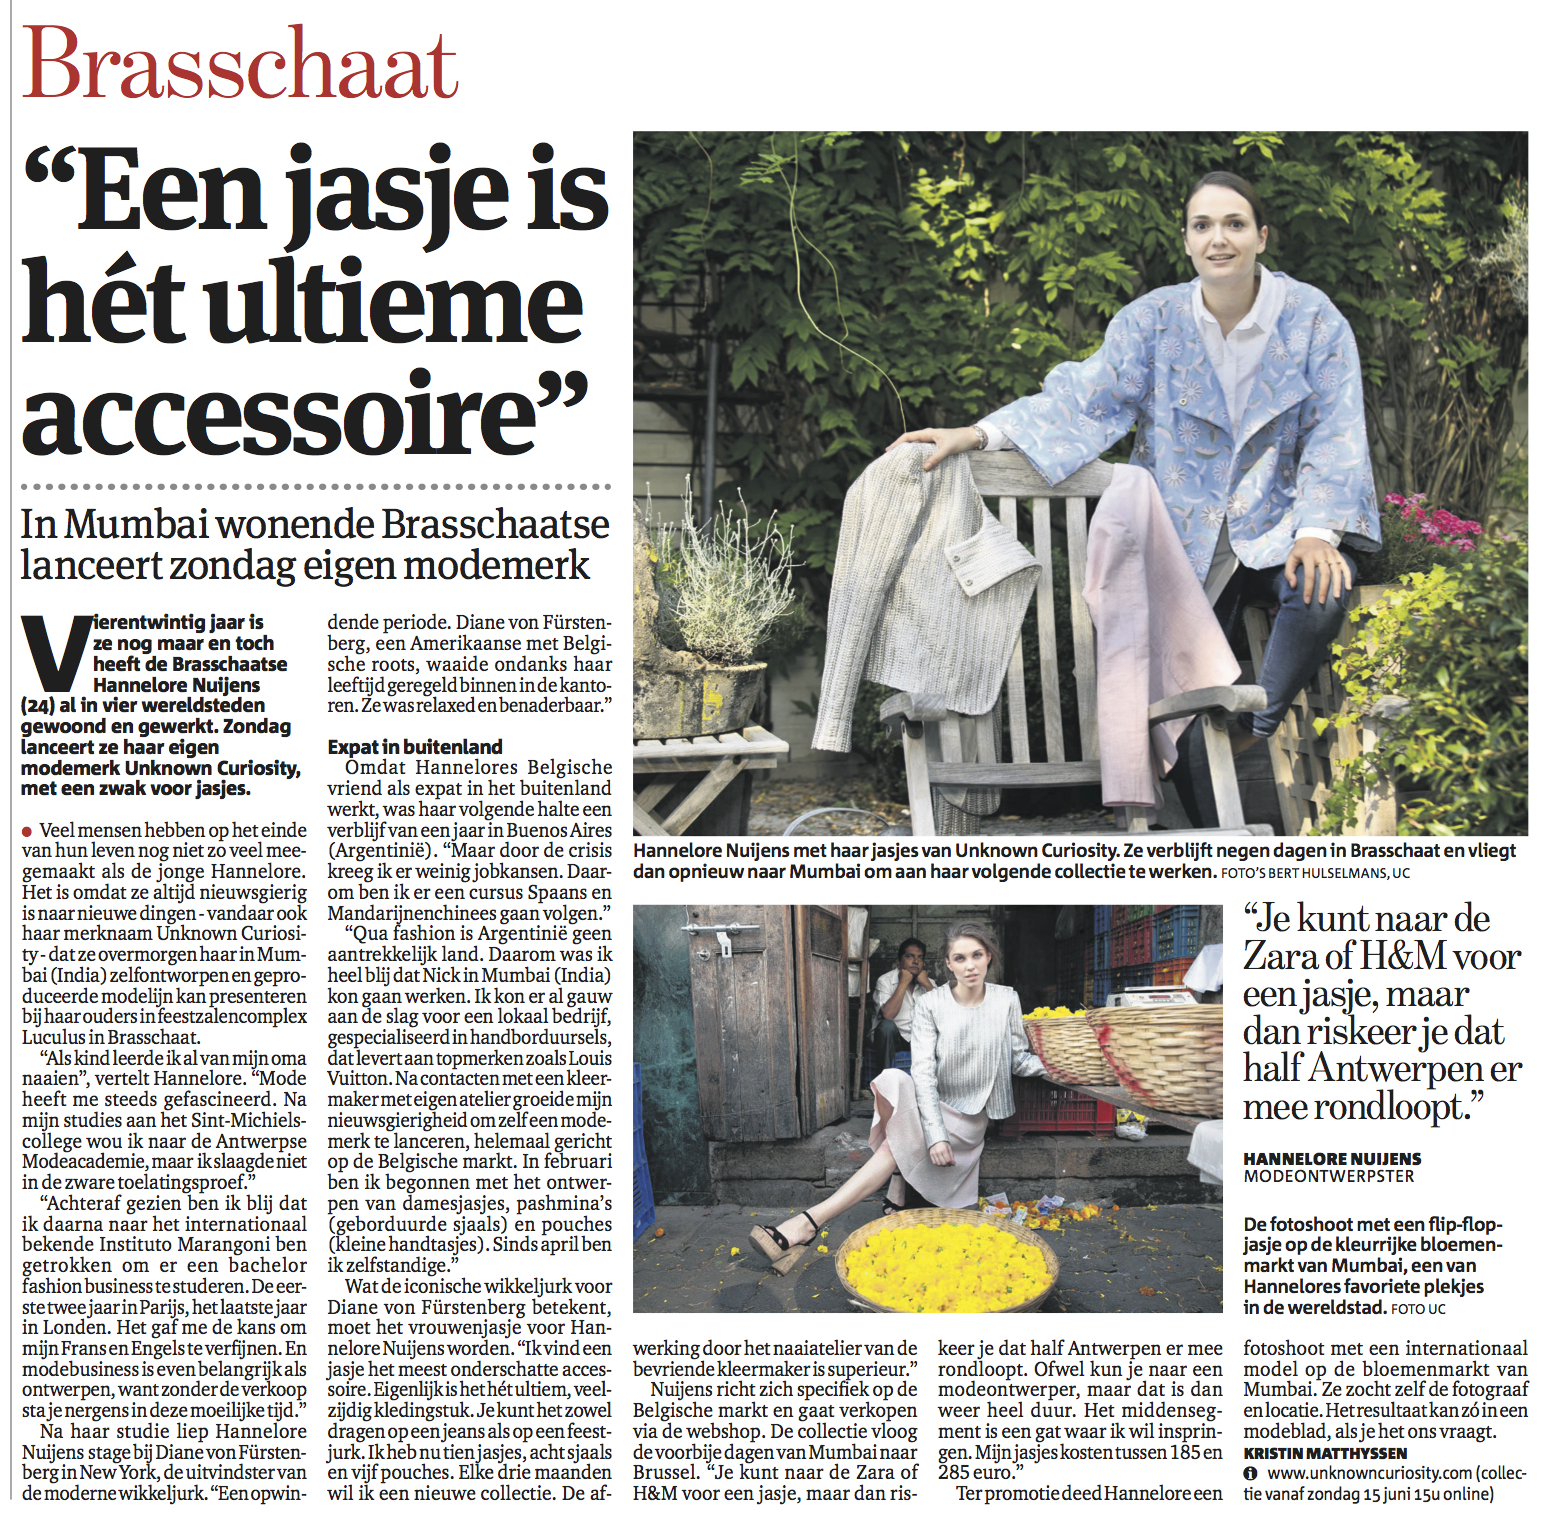 Gazet Van Antwerpen - 13th June 2014